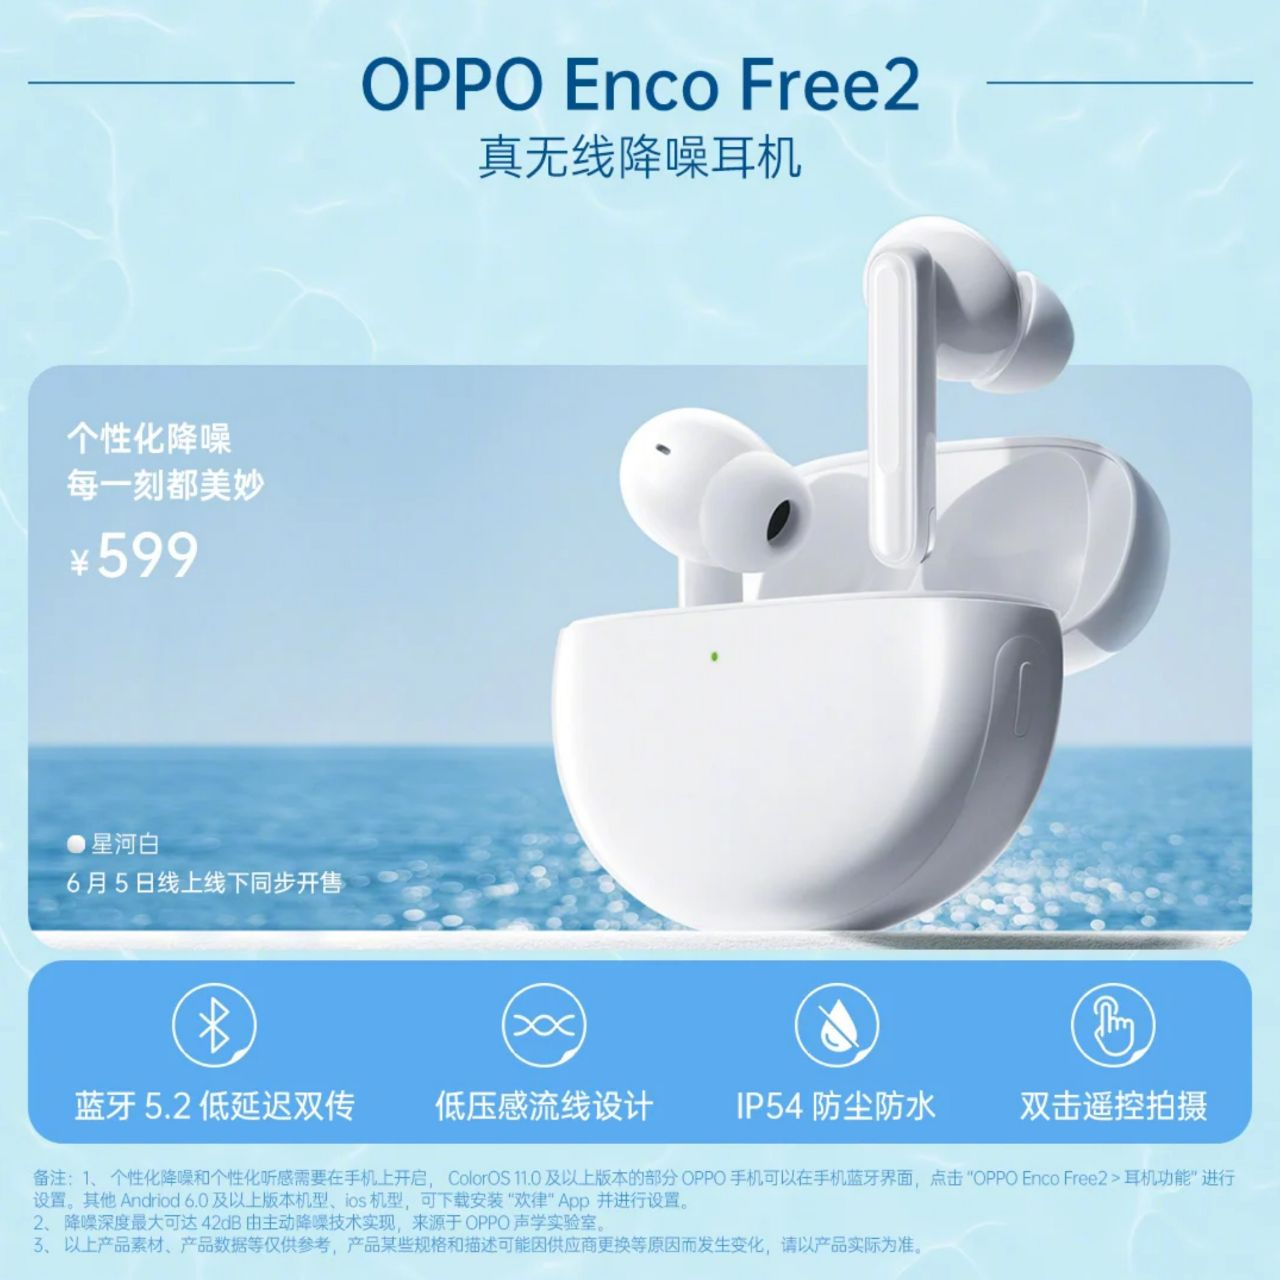 قیمت Enco Free 2